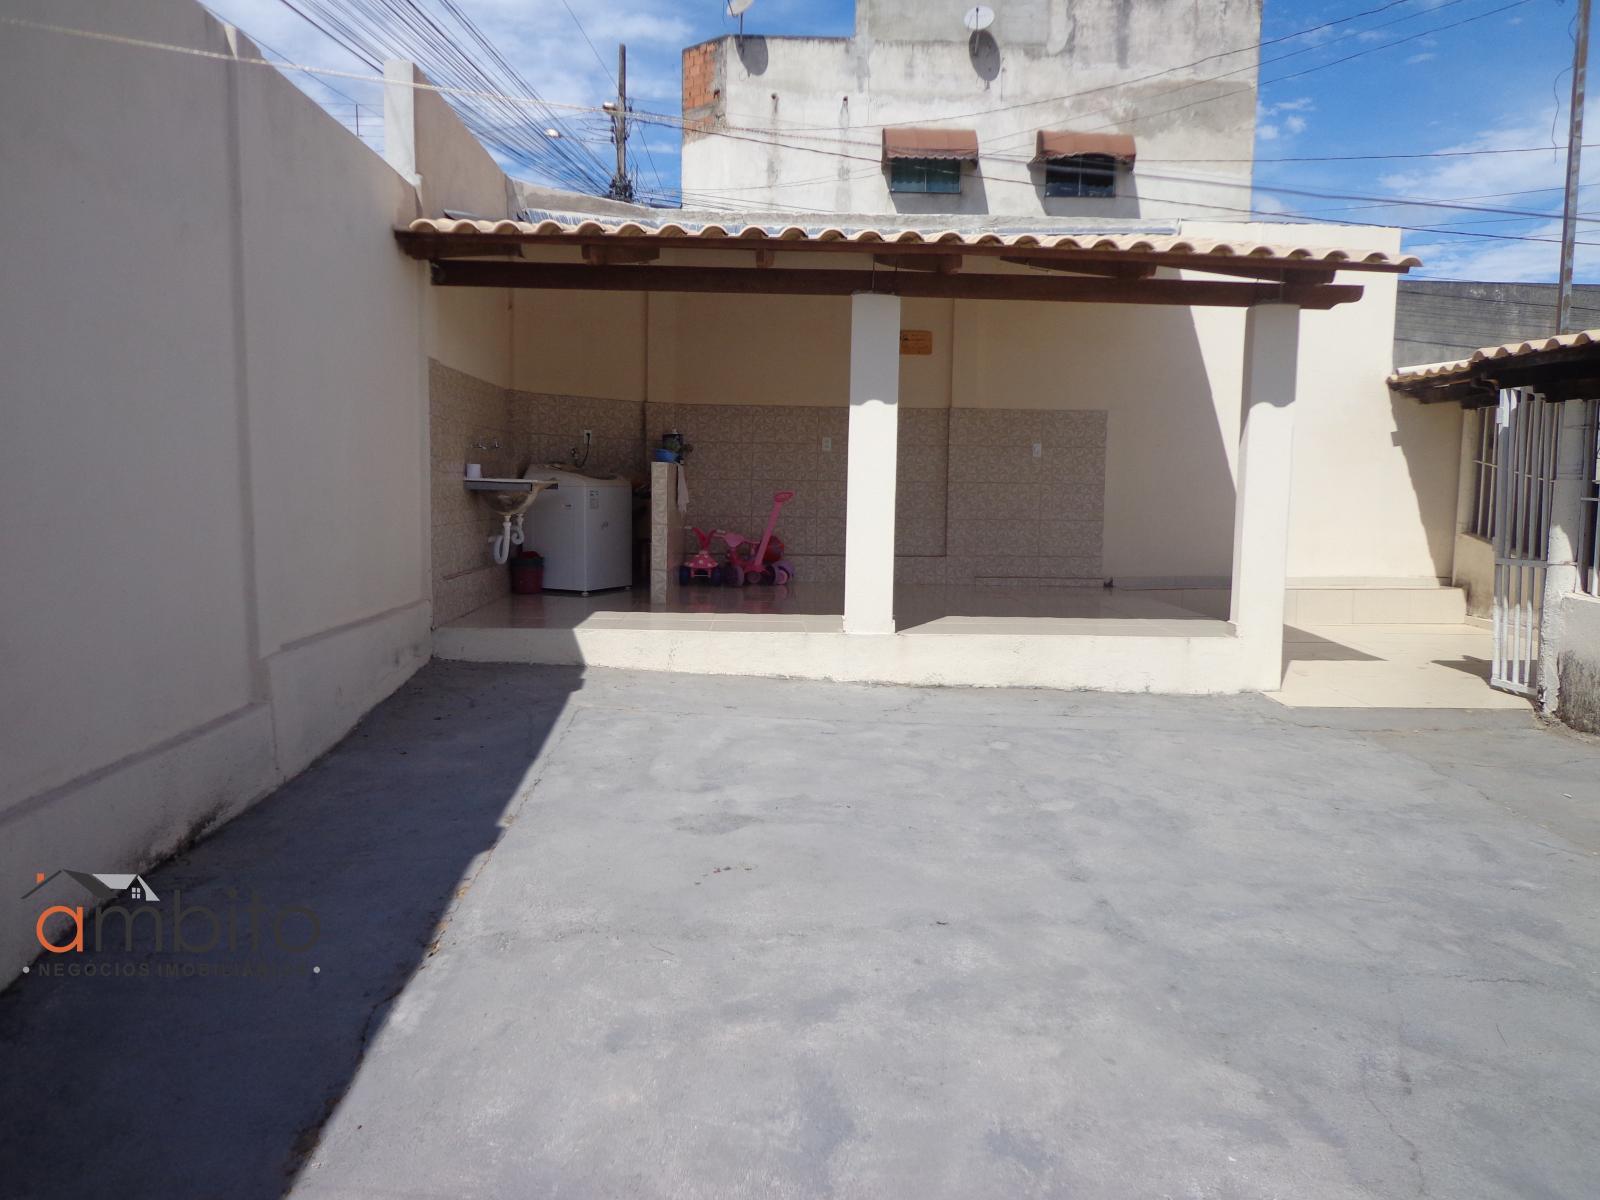 Casa - Foto 5 de 11